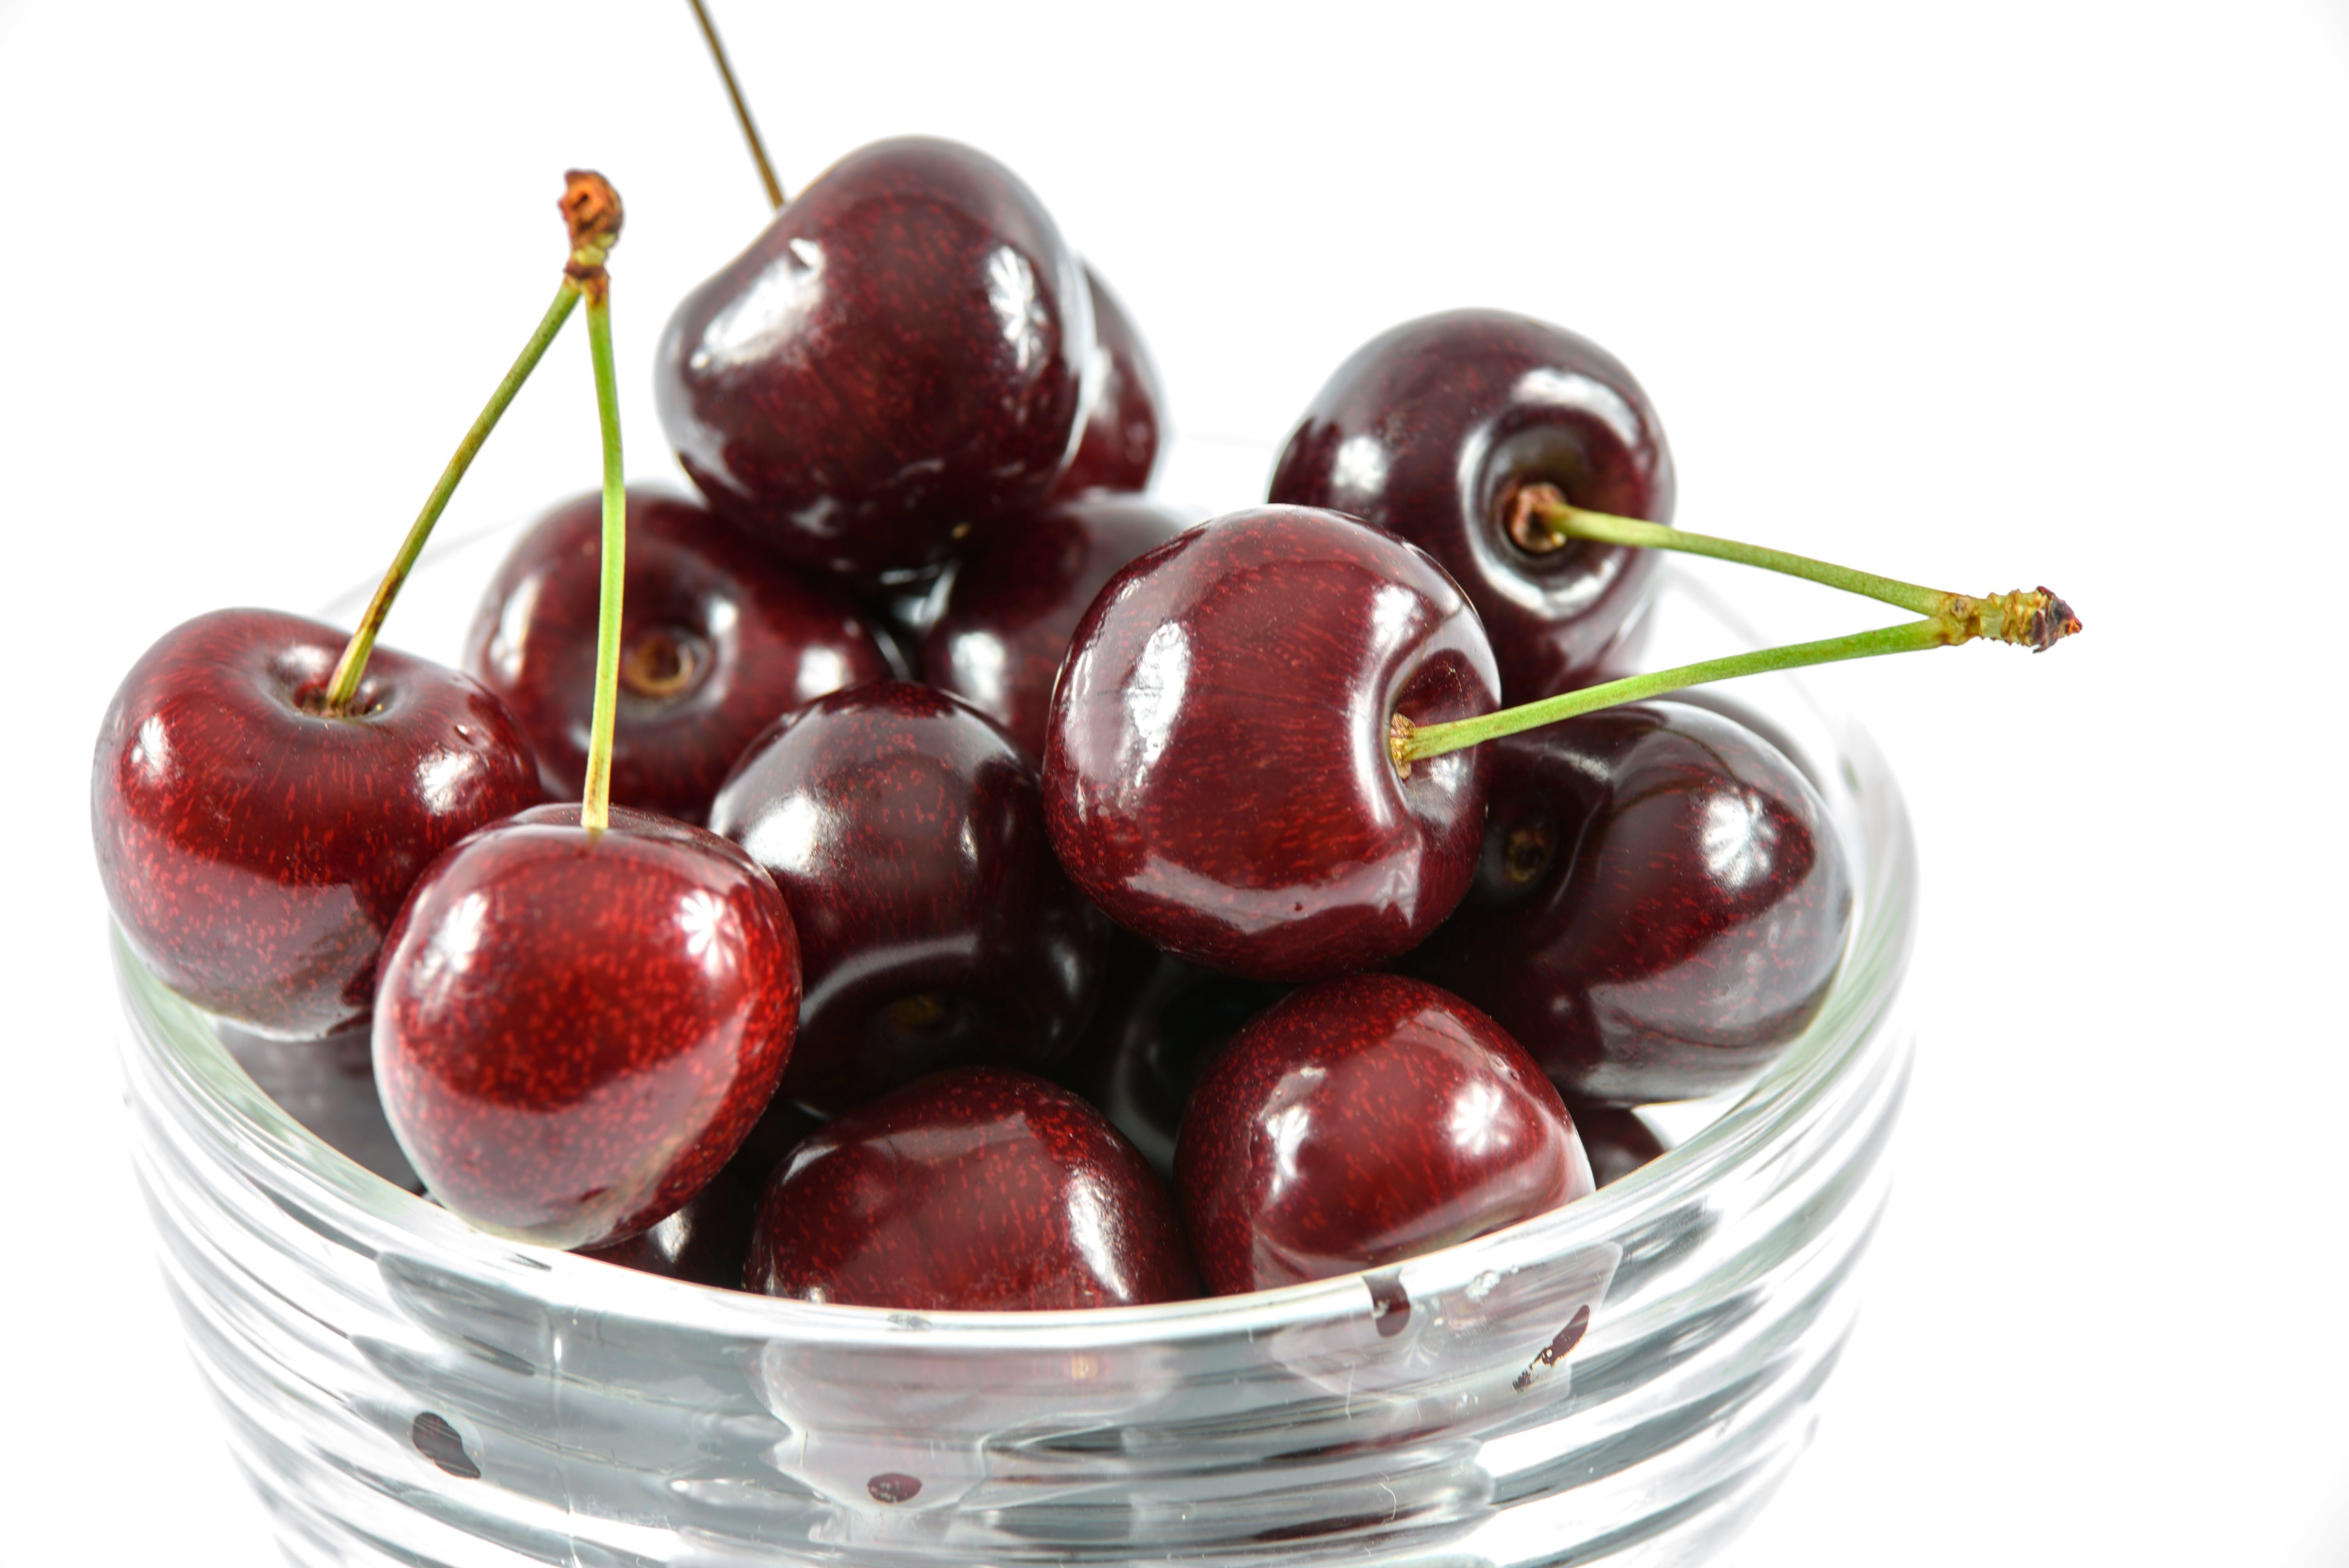 Gratis stockfoto met eten, fruit, kersen, kom